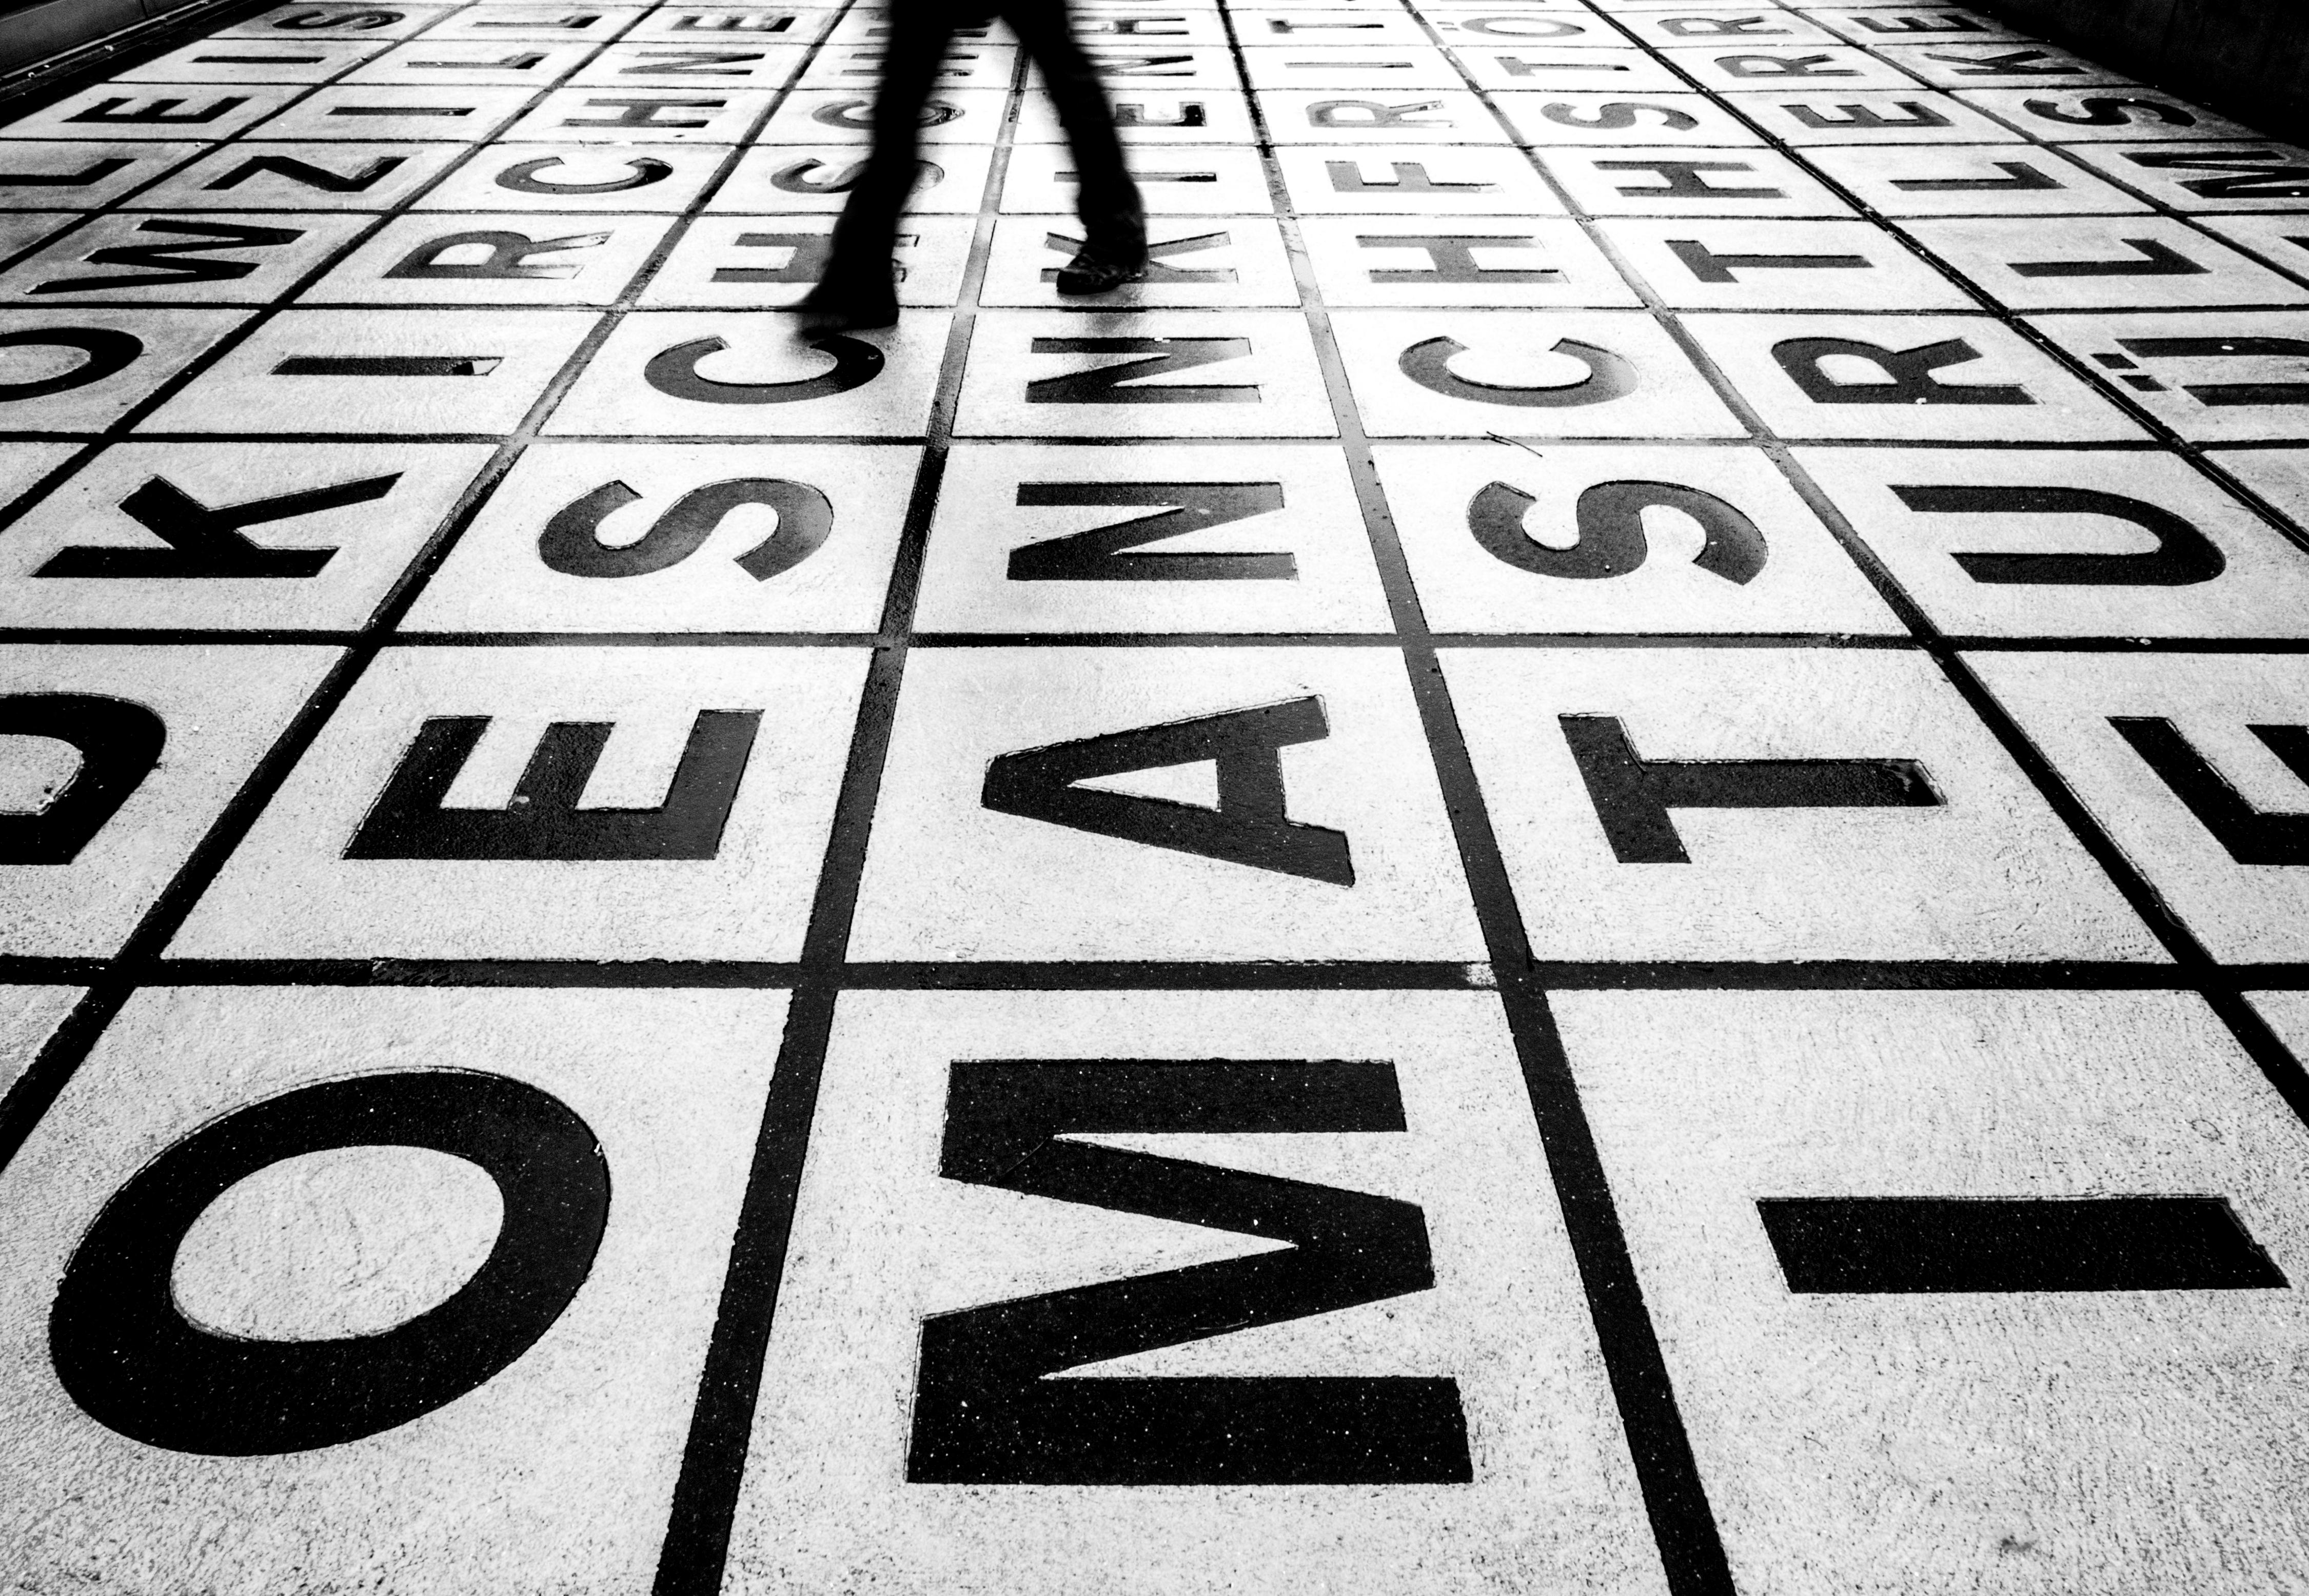 Hình Nền : Tương Phản, Những Người, Đơn Sắc, Đường Phố, Đô Thị, Nhiếp Ảnh,  Bản Văn, Đối Xứng, Mẫu, Berlin, Olympus, Góc, Đen Và Trắng, Đi Bộ, Bw,  Thiết Kế, ...